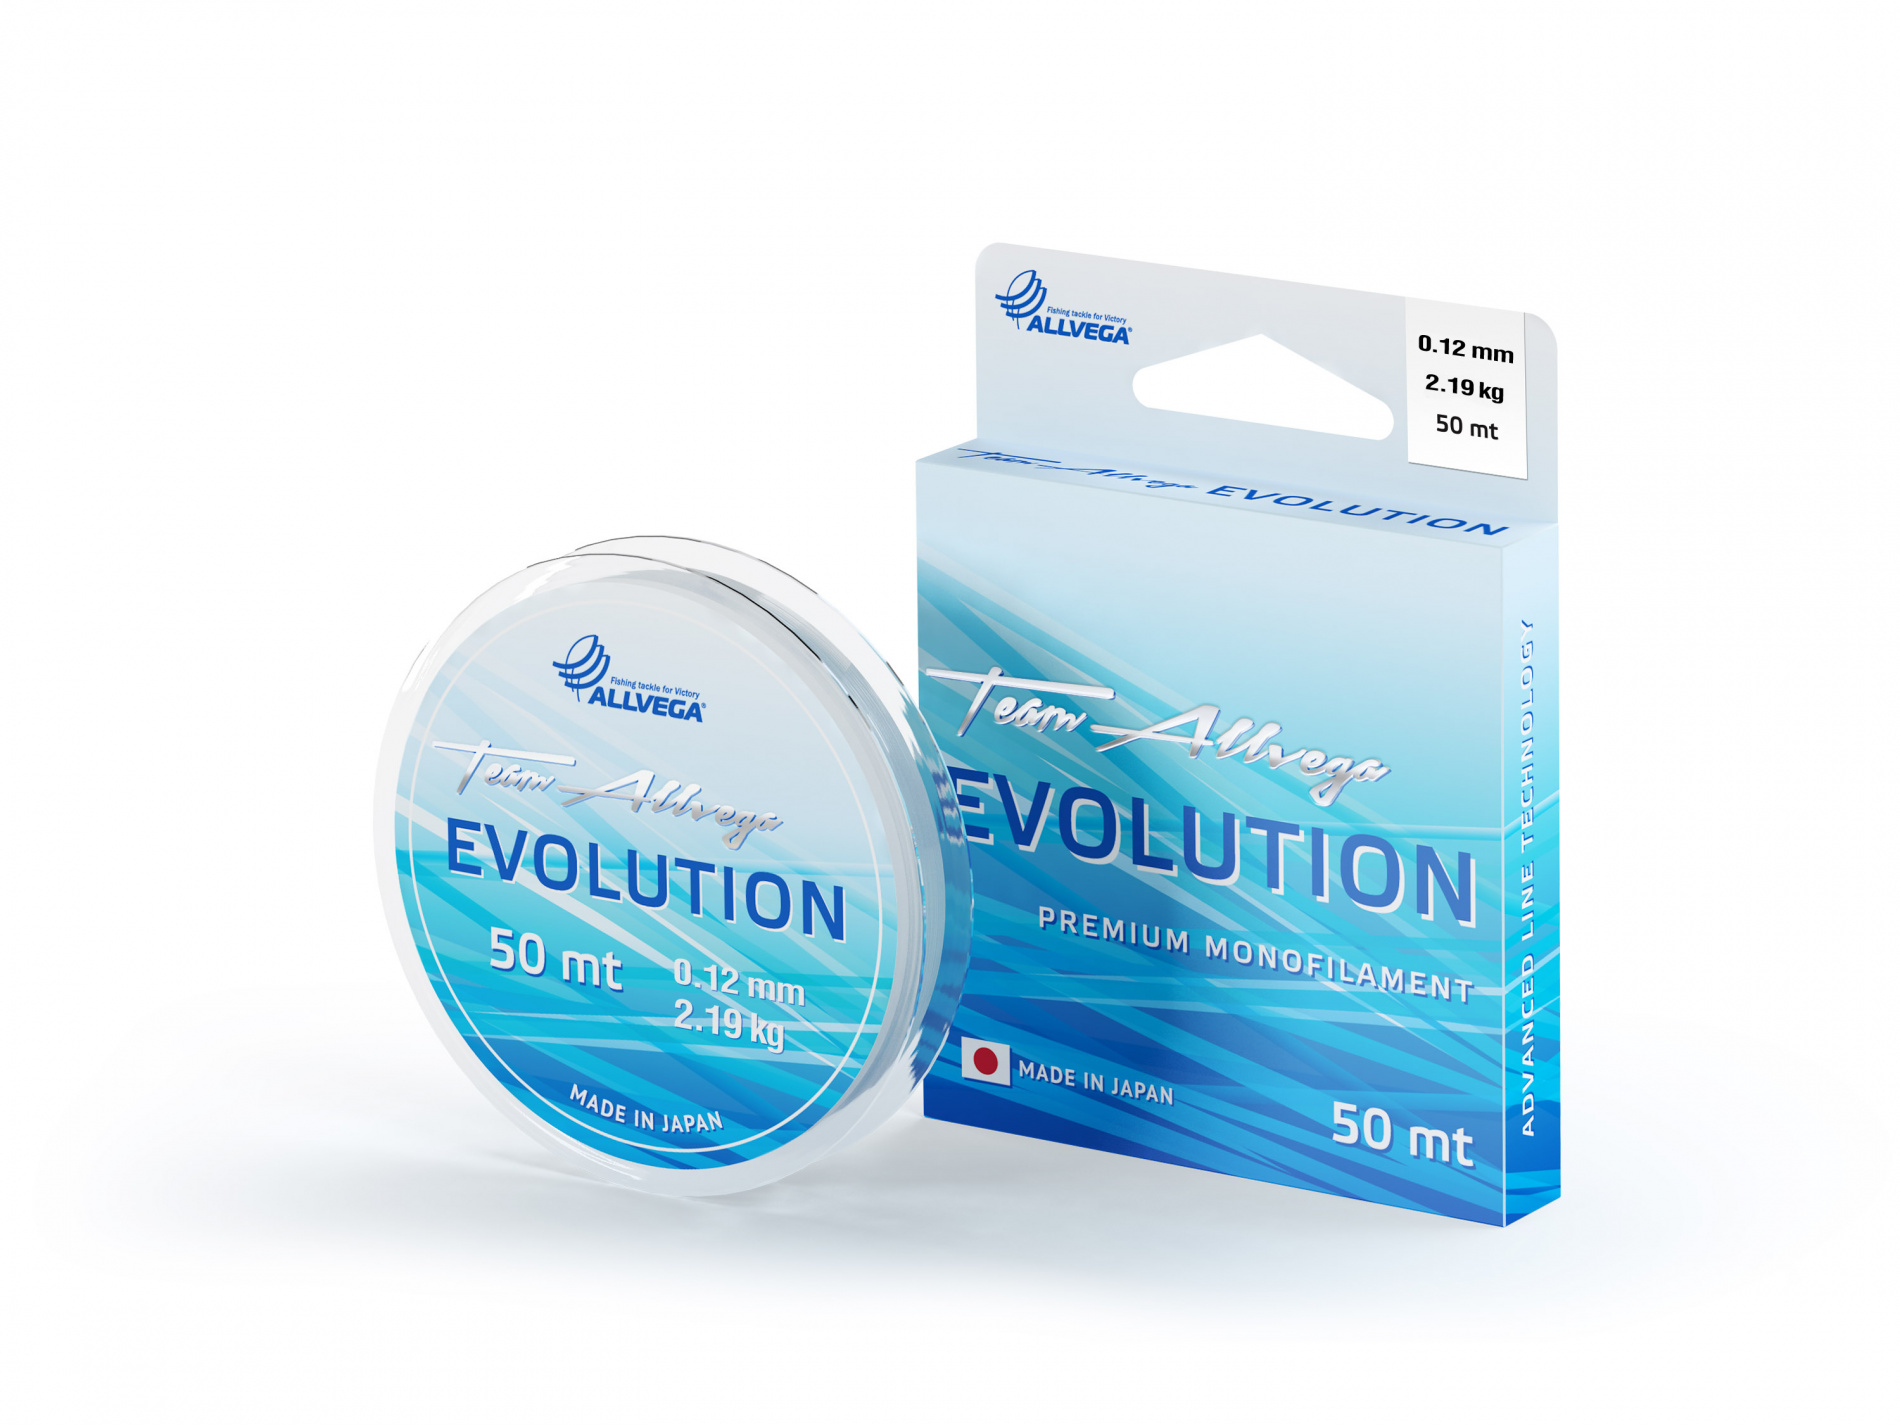 Леска ALLVEGA Evolution 0,12мм (50м) (2,19кг) (прозрачная)Леска монофильная<br>Леска EVOLUTION - это результат интеграции многолетнего <br>опыта европейских рыболовов-спортсменов <br>и современных японских технологий! Важнейшим <br>свойством лески является её однородность <br>и соответствие заявленному диаметру. Если <br>появляется неравномерность в калибровке <br>лески и искажается идеальная окружность <br>в сечении, это ведет к потере однородности <br>лески и ослабляет её. В этом смысле, на сегодняшний <br>день леска EVOLUTION имеет наиболее однородную <br>структуру. Из множества вариантов мы выбираем <br>новейшее и наиболее подходящее сырьё, чтобы <br>добиться исключительных характеристик <br>лески, выдержать оптимальный баланс между <br>прочностью и растяжимостью, и создать идеальный <br>продукт для любых условий ловли. Цвет прозрачный. <br>Сделана, размотана и упакована в Японии.<br><br>Сезон: лето